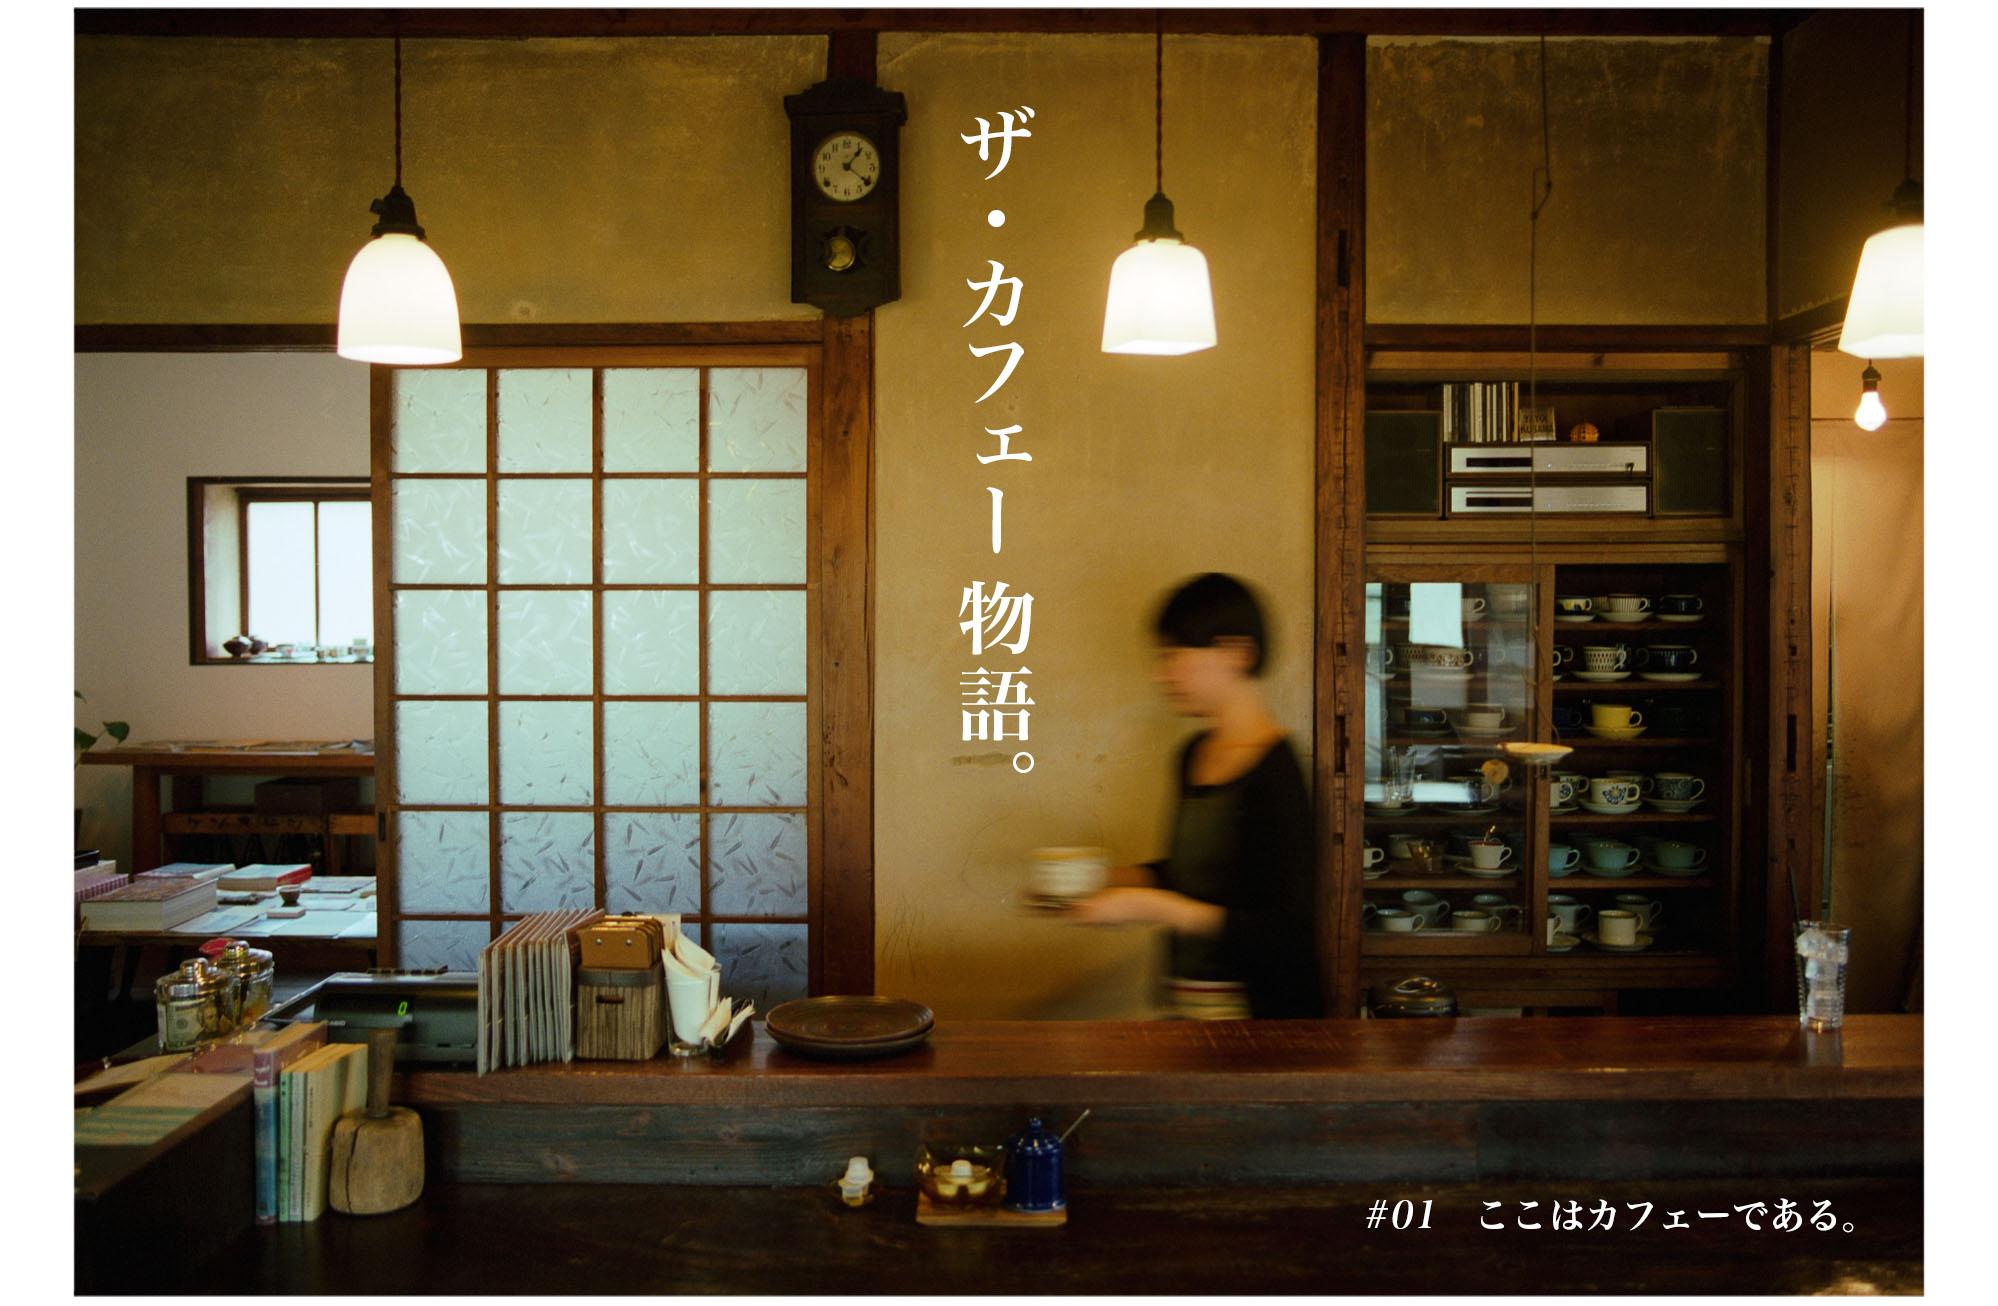 20140901_ザカフェー物語01